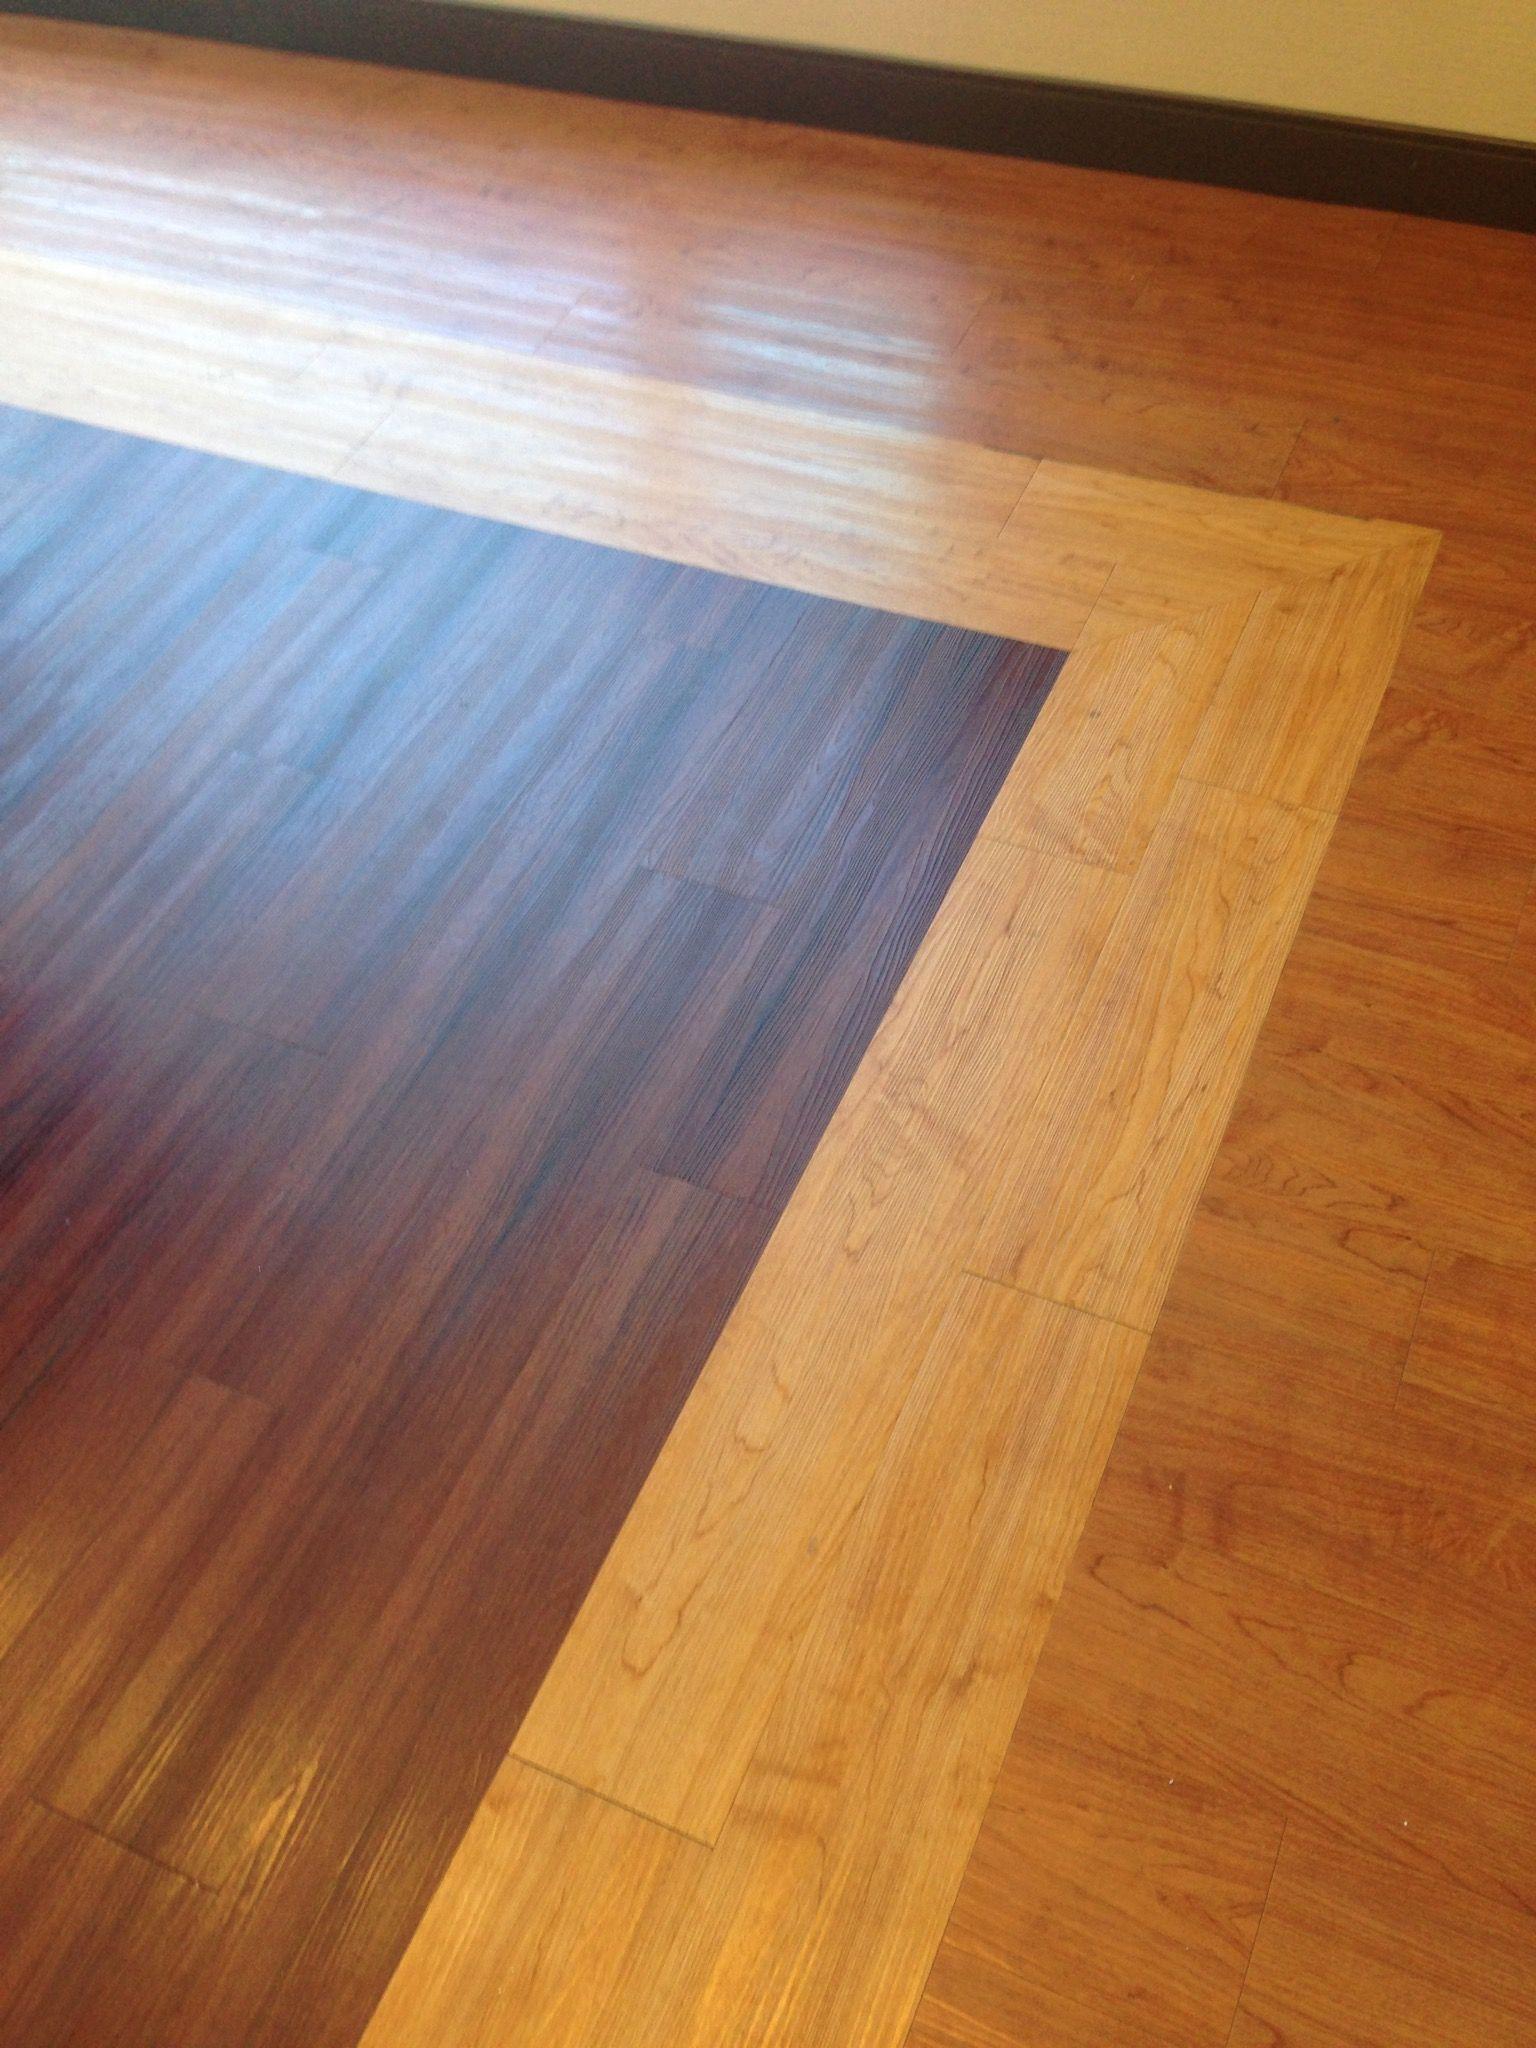 Wood Floor Wood Floor Colors Wood Floor Design Types Of Wood Flooring